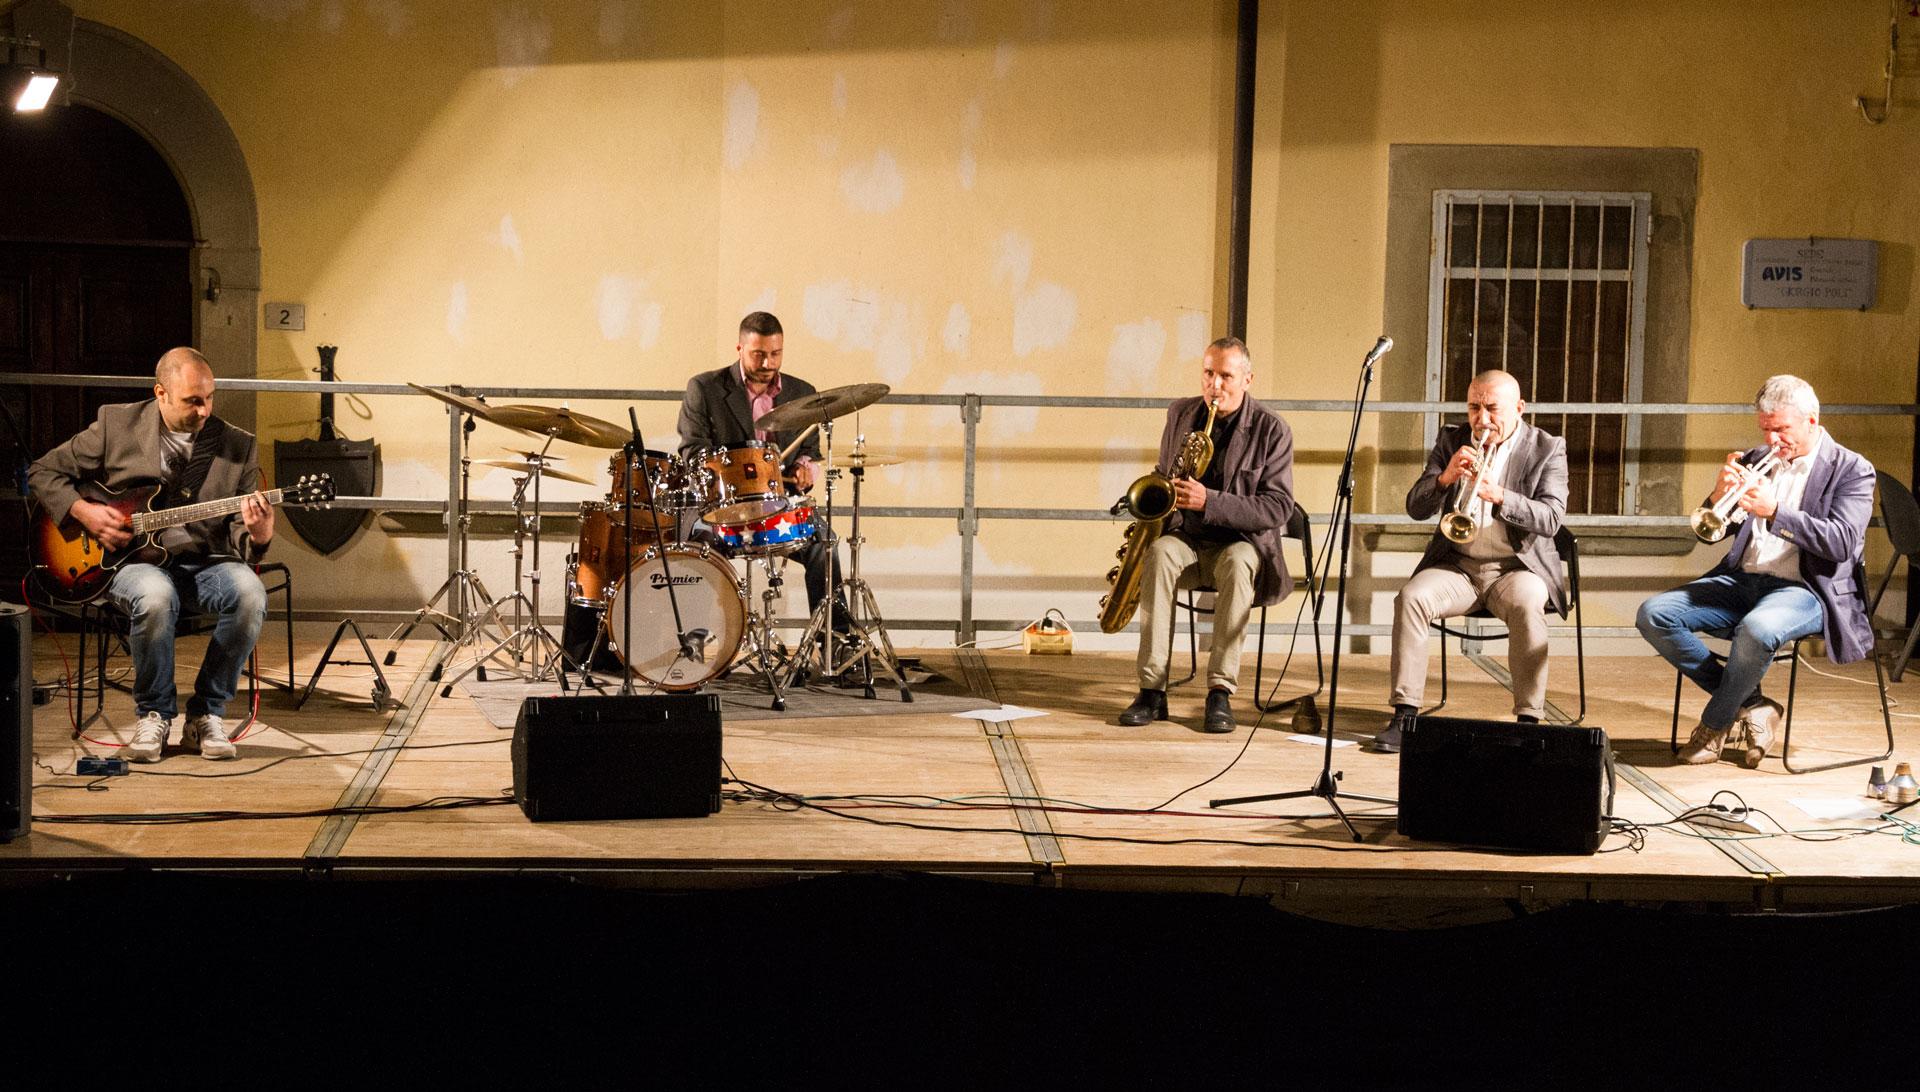 31 Luglio - Musei in Musica Franco Baggiani Ensemble Palazzuolo sul Senio